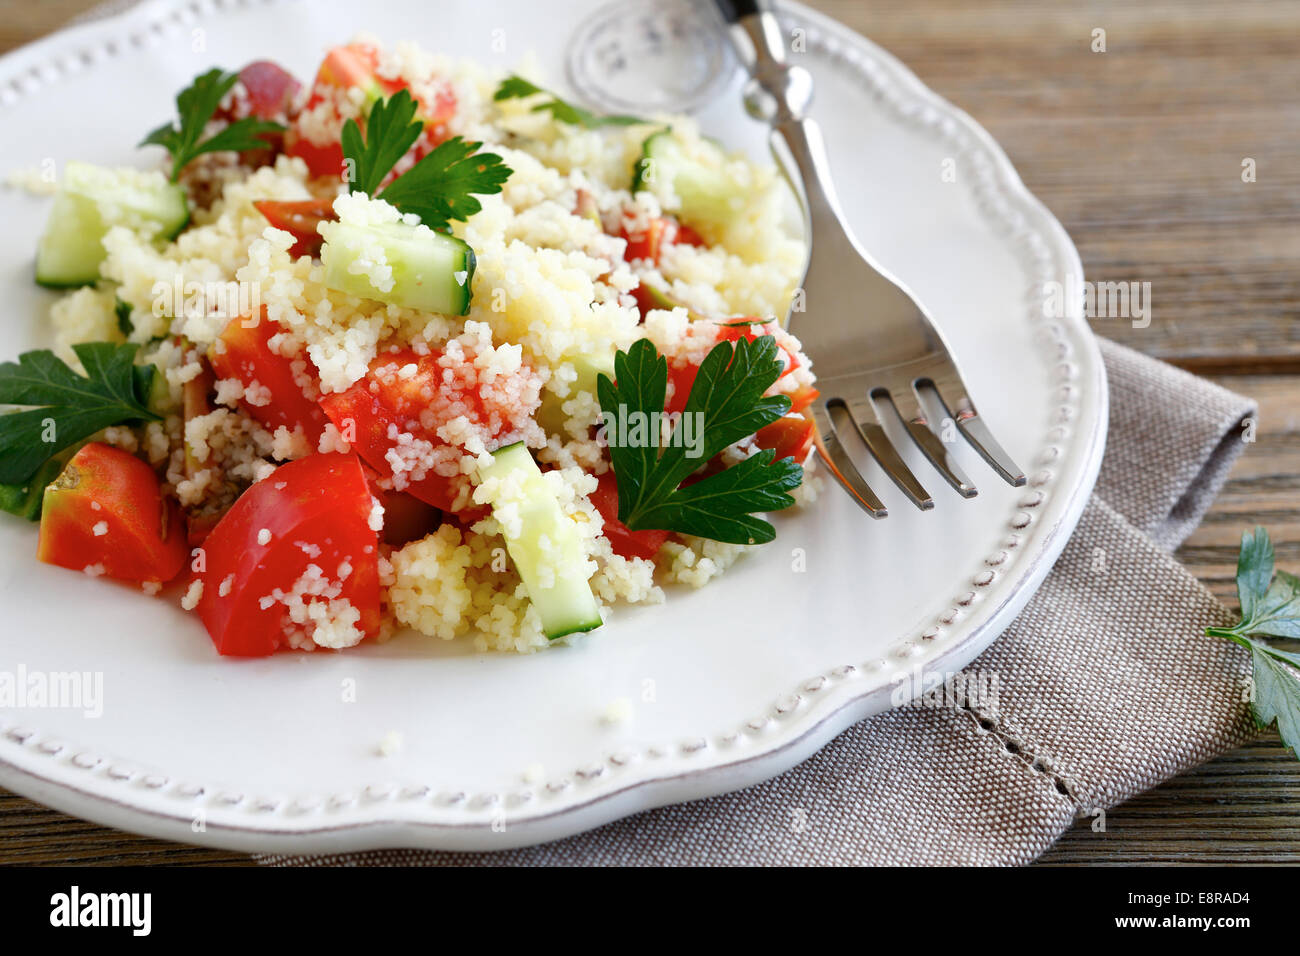 Con ensalada de cuscús y verduras en una placa blanca, alimentos closeup Imagen De Stock